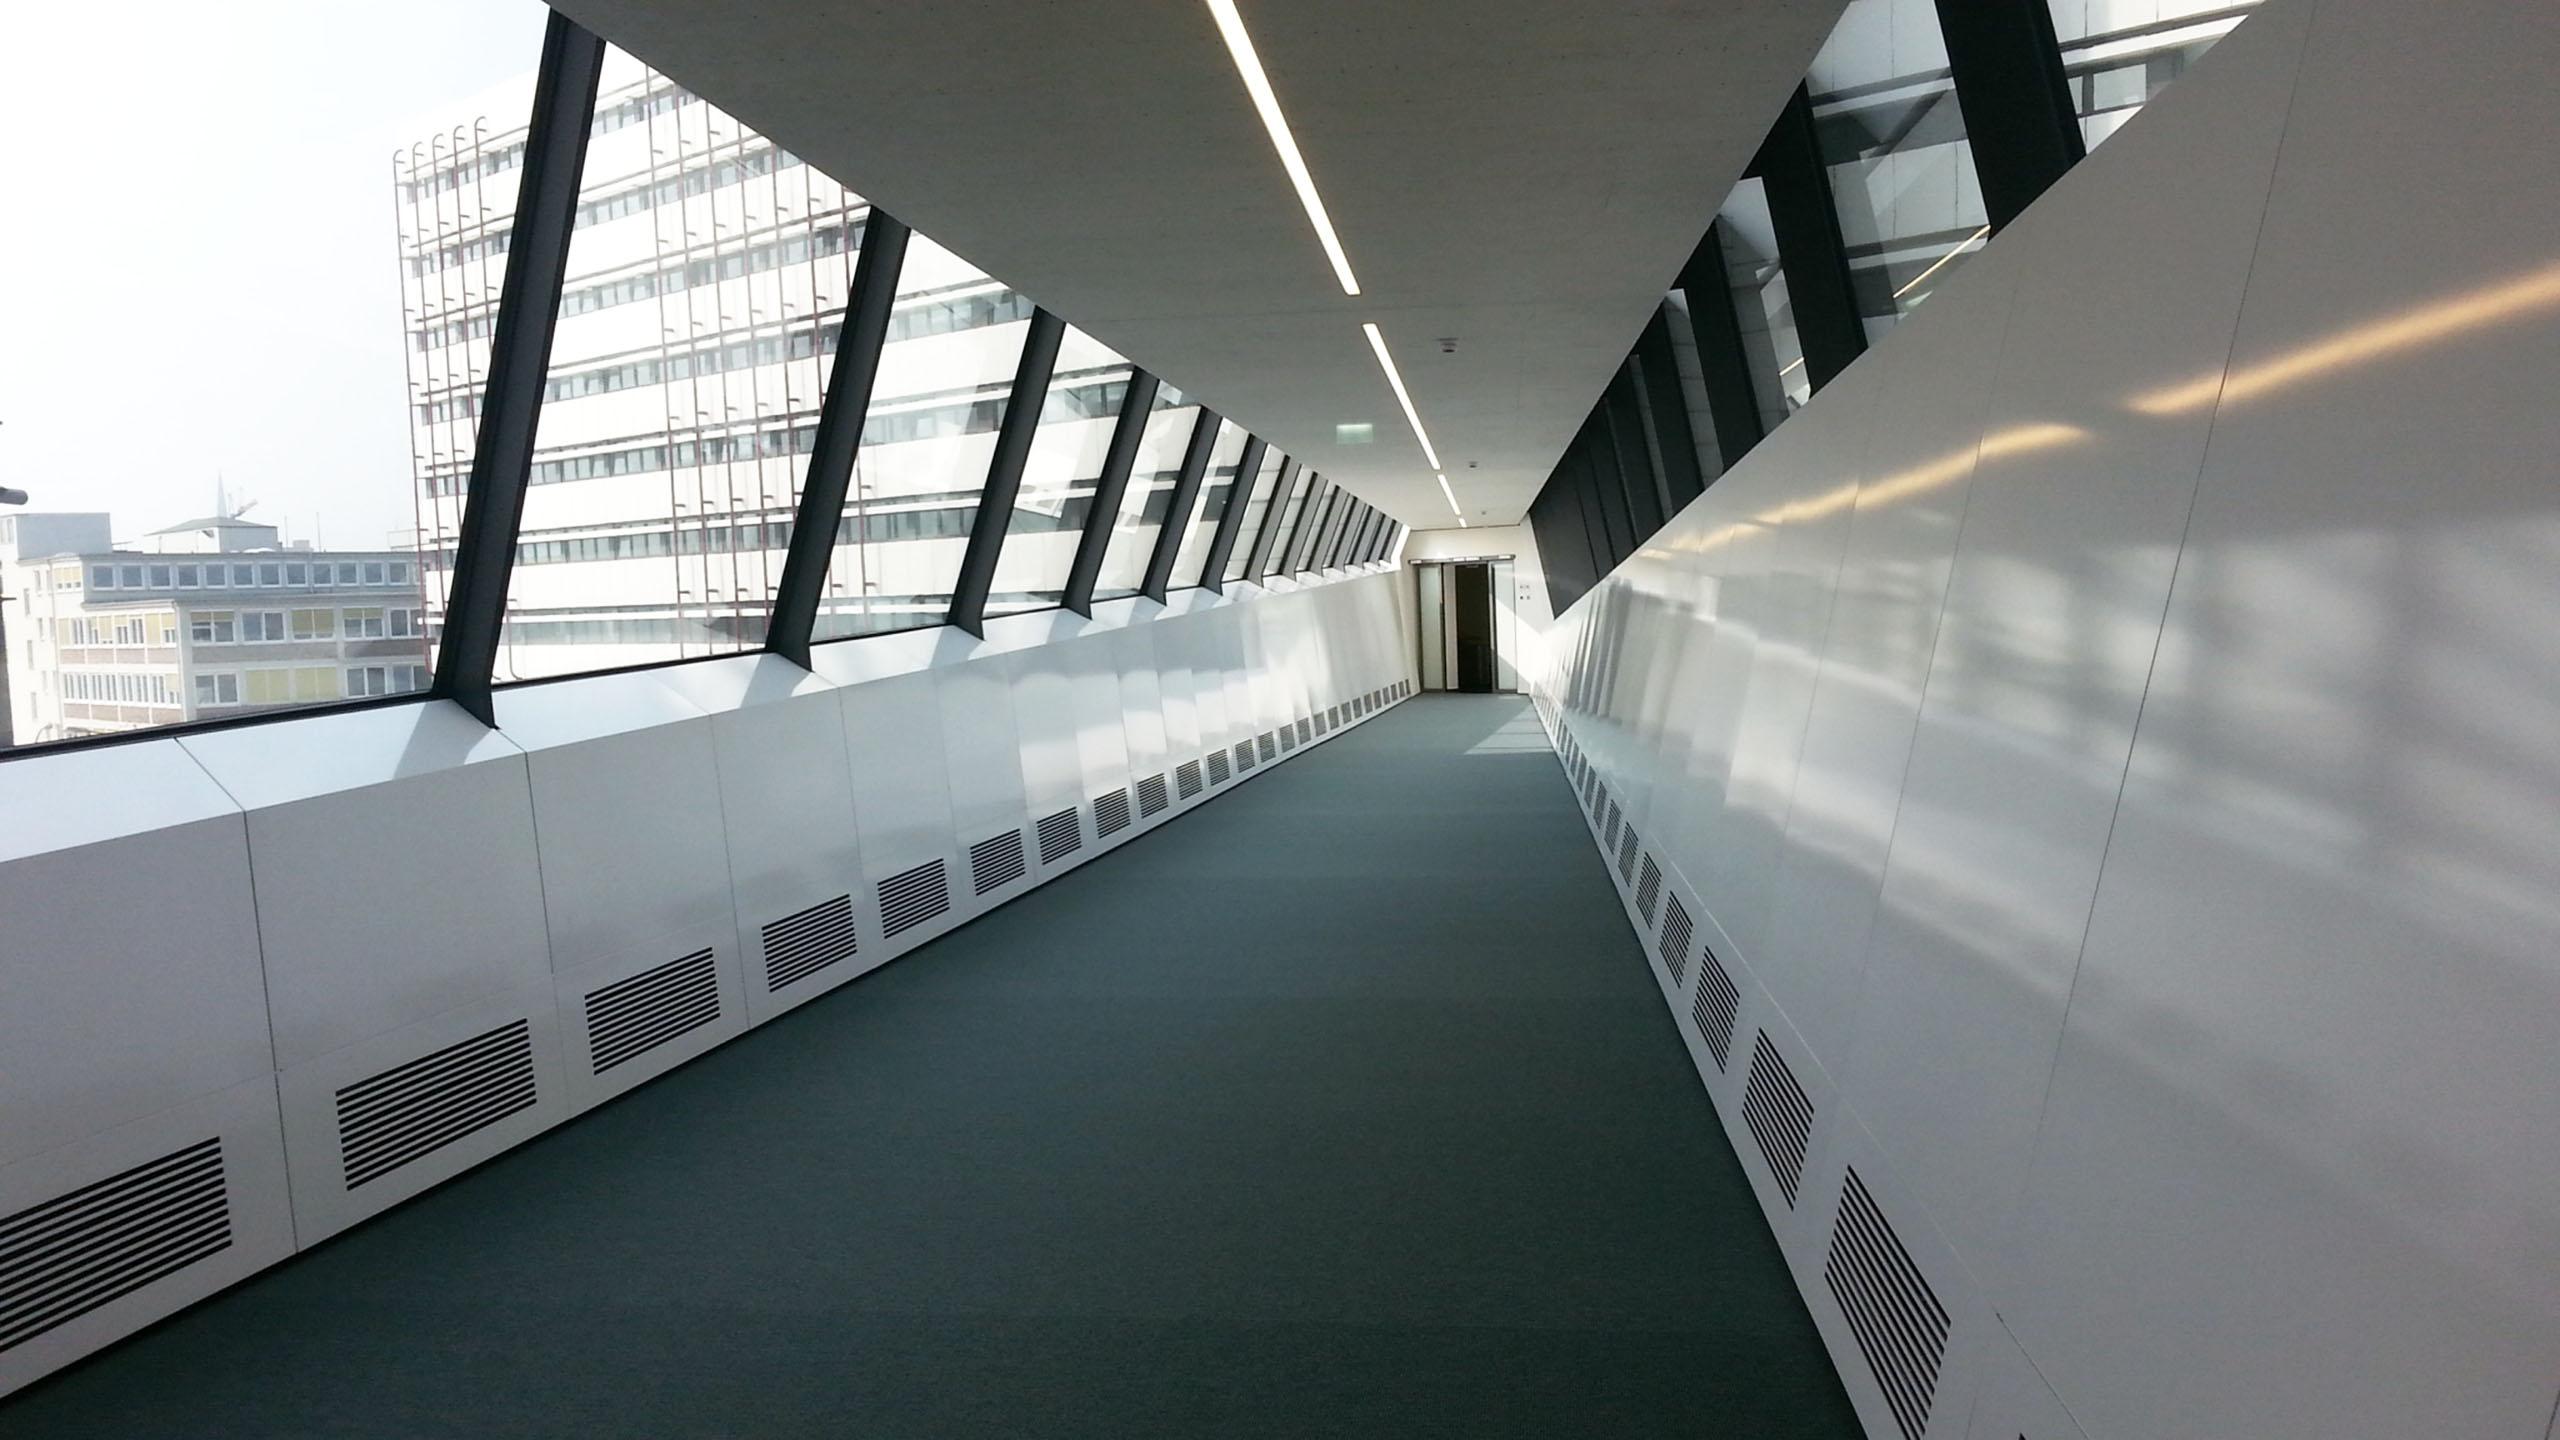 Verbindunsgbrücke in Hamburg. Gebaut durch Lamparter GmbH & Co. KG